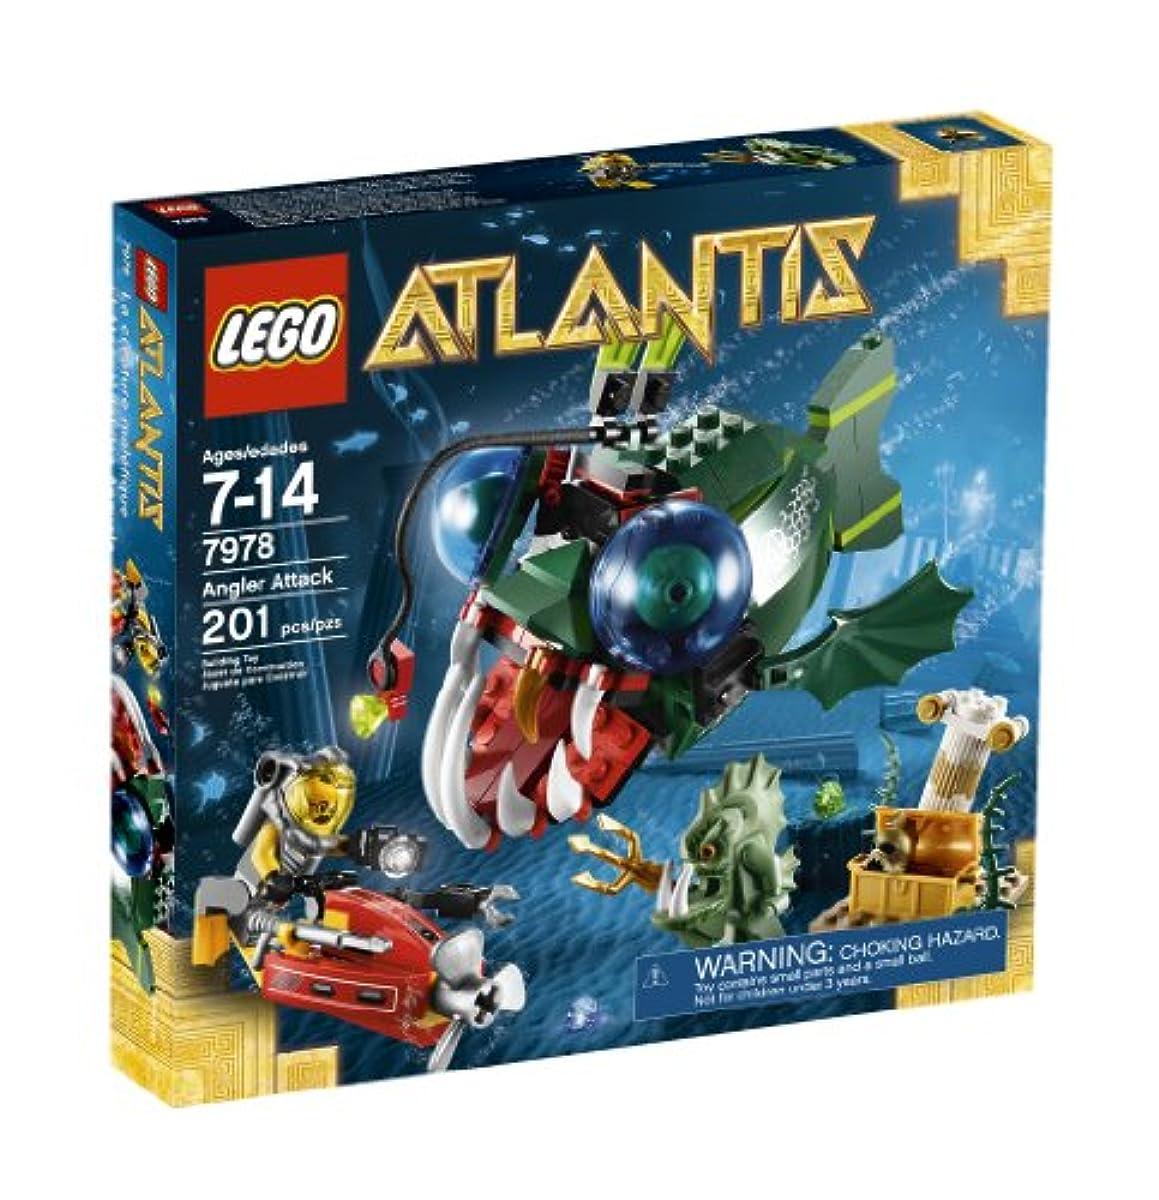 [해외] LEGO ATLANTIS ANGLER ATTACK 7978